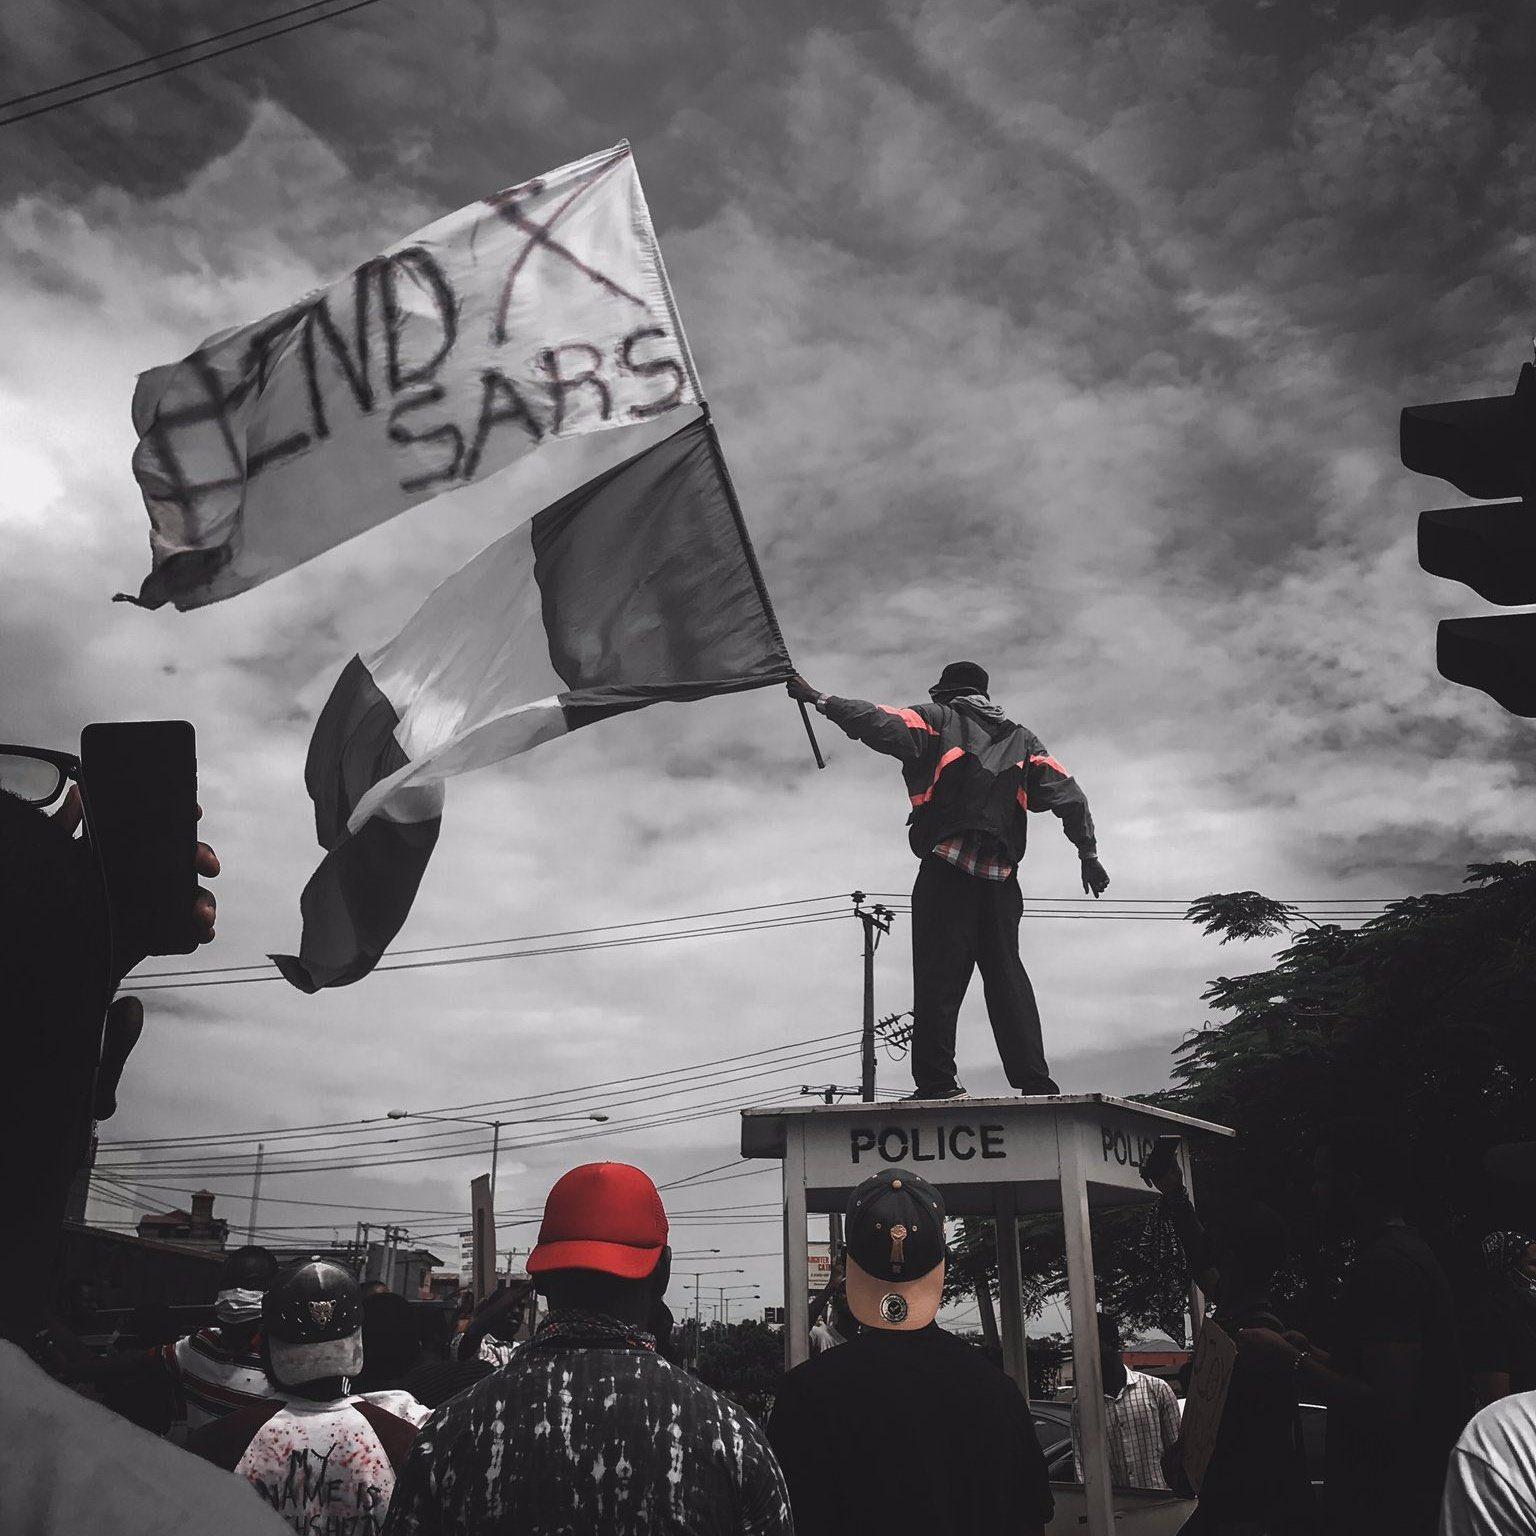 #EndSARS Flag Holder's last tweet